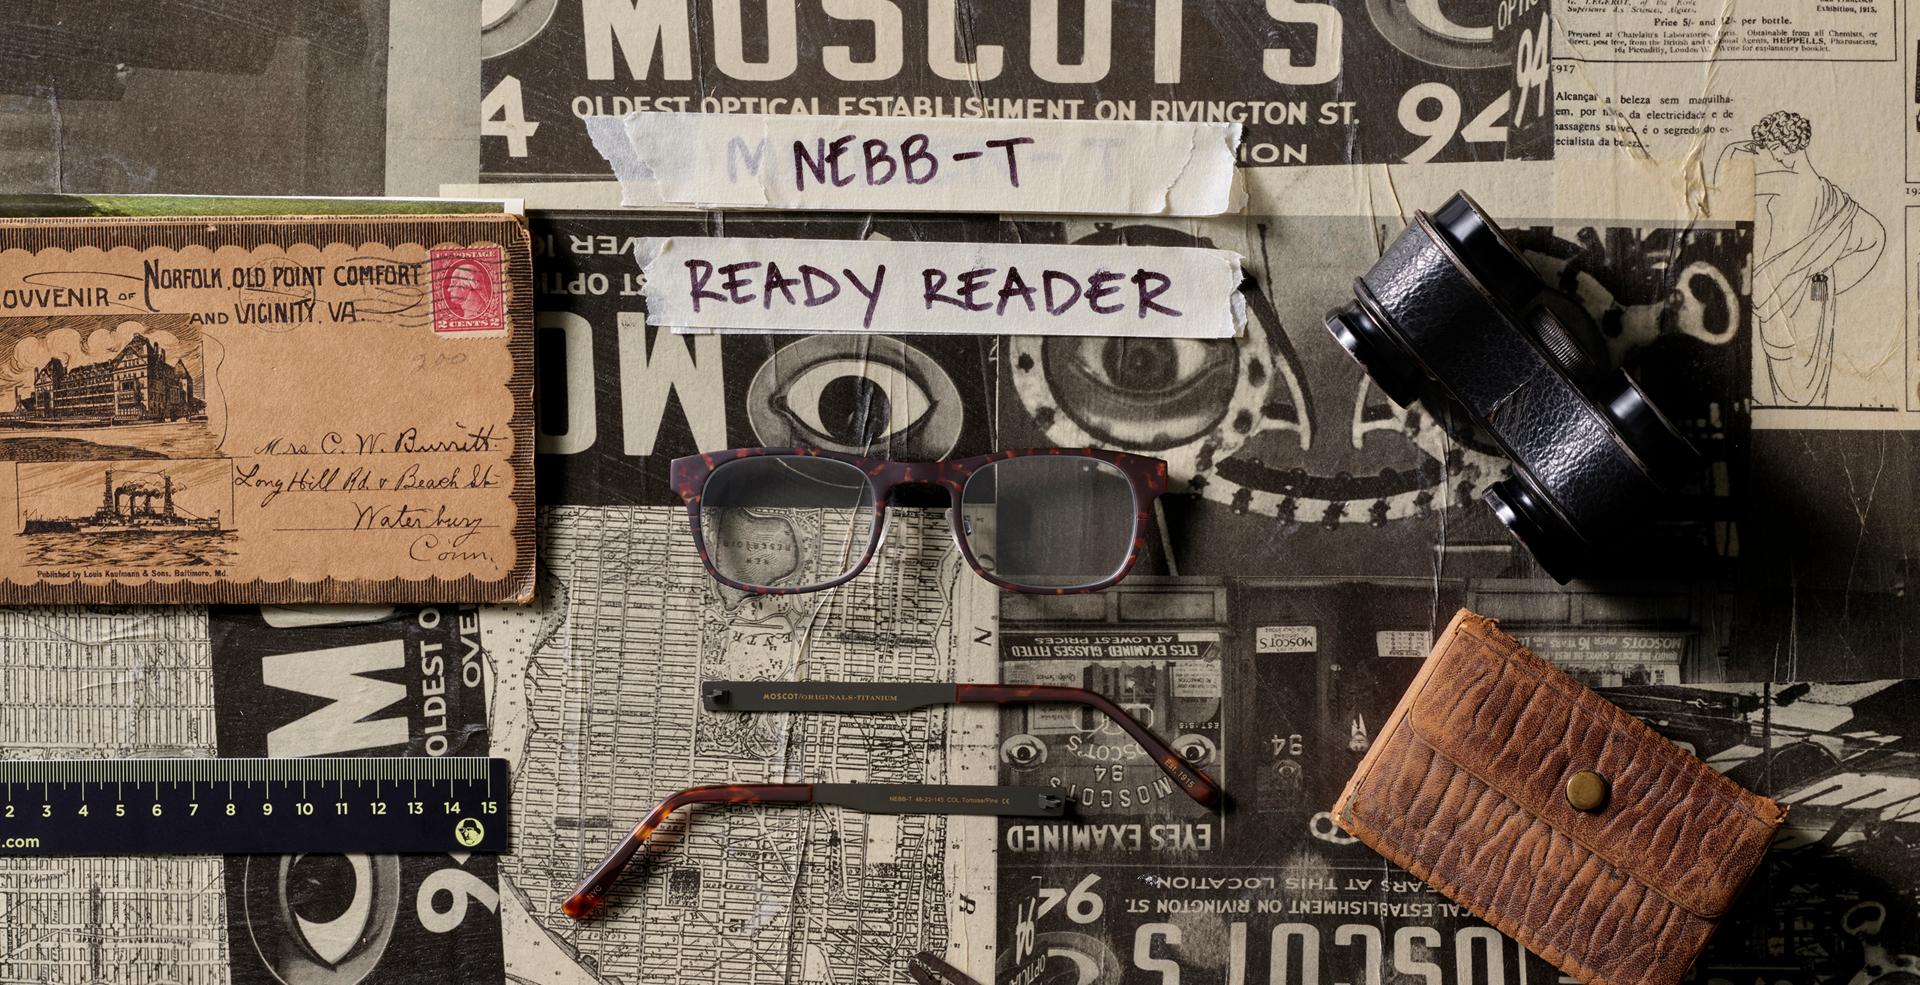 NEBB-T READY READER